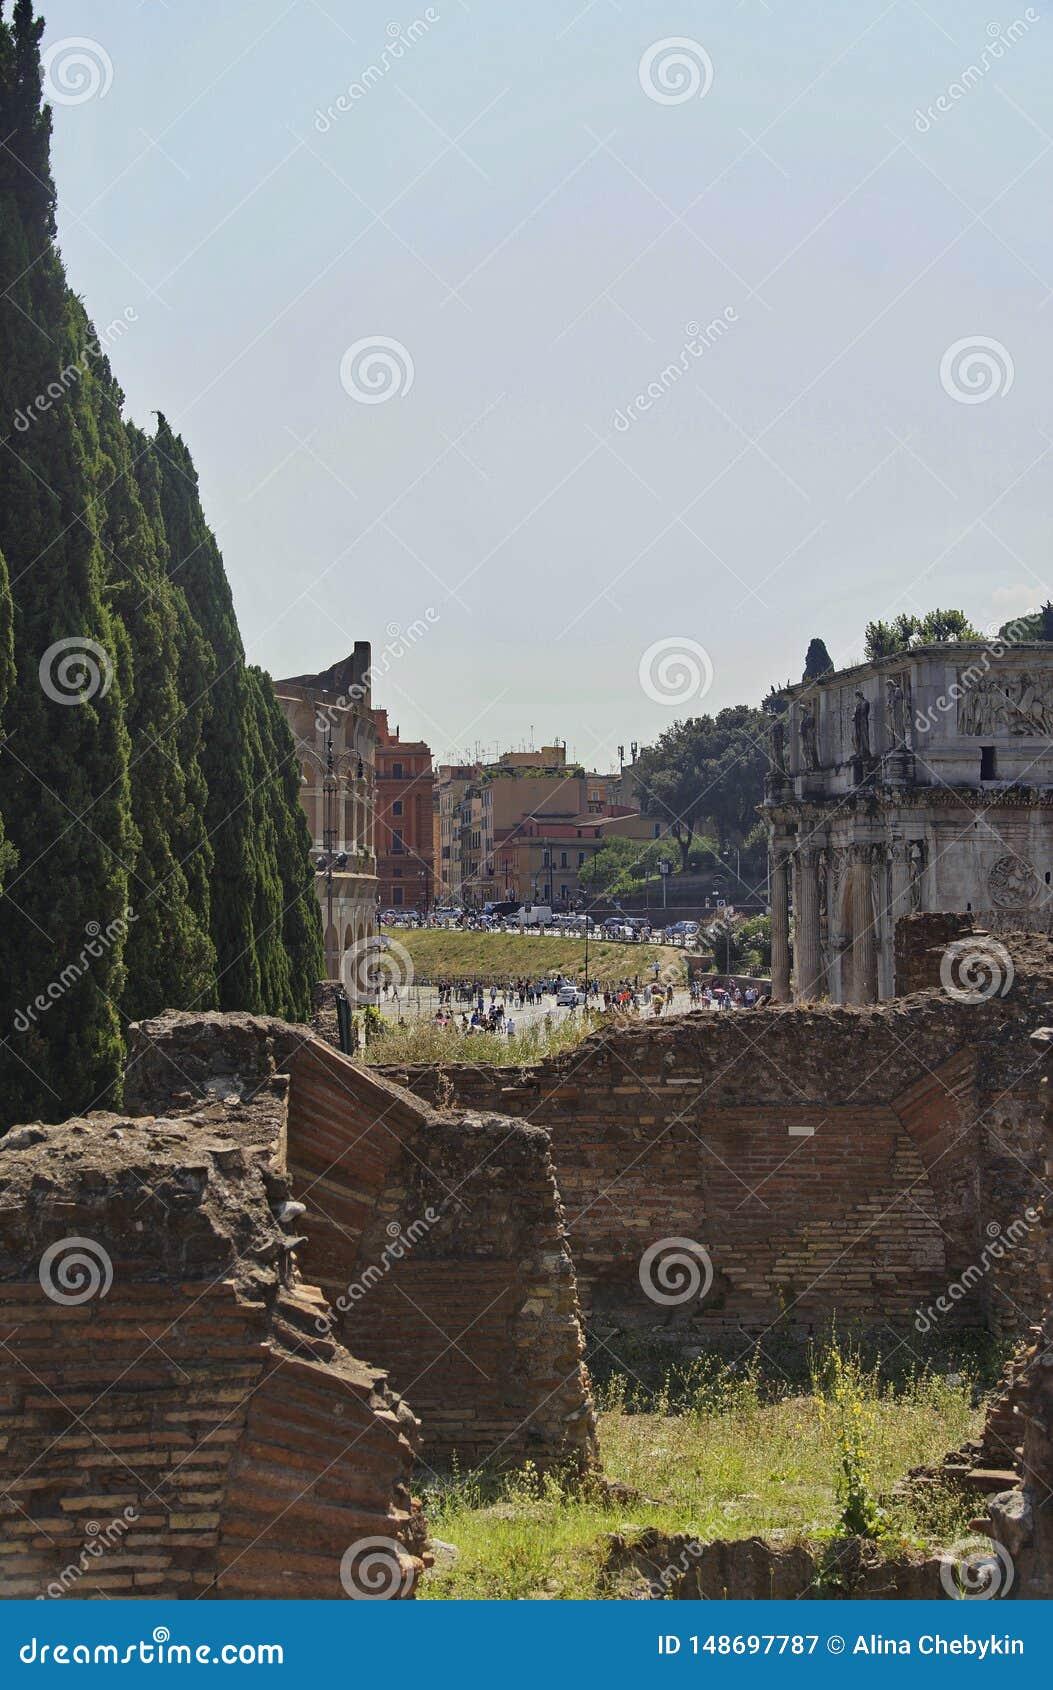 Part of Sostruzioni della Terrazza, Rome, Italy, summer